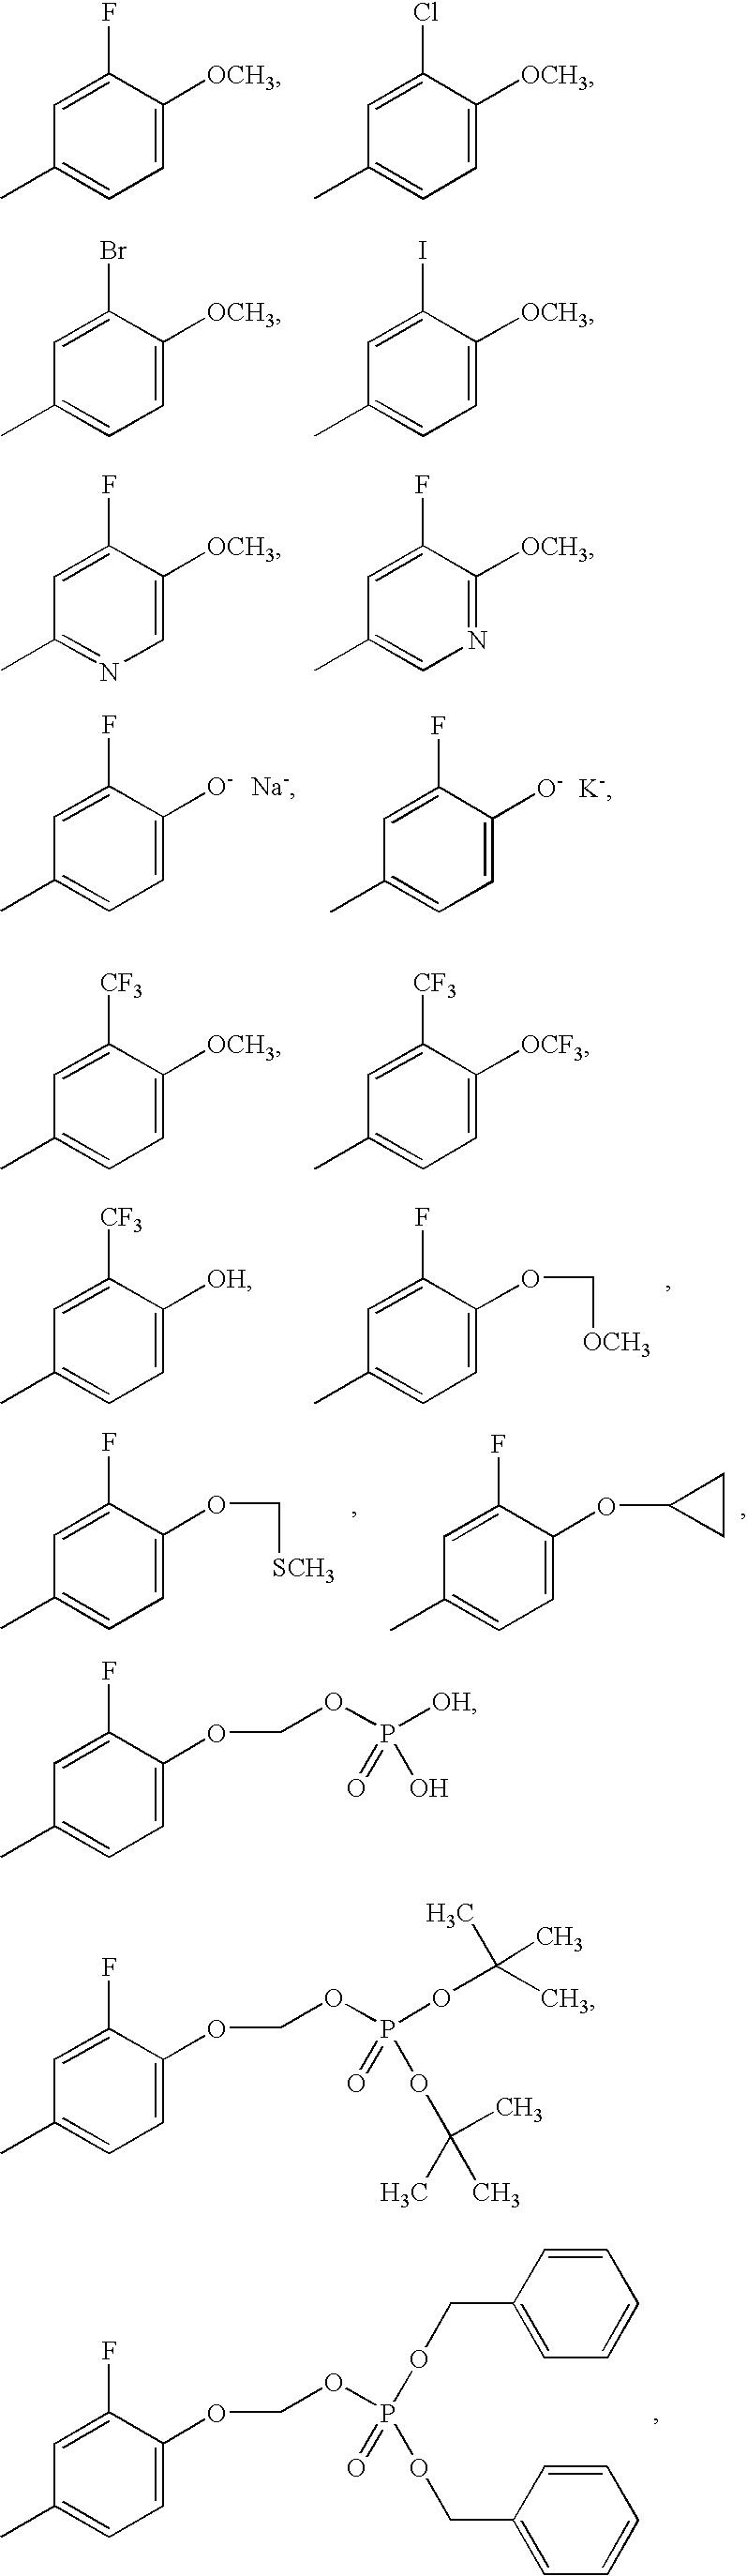 Figure US20050113341A1-20050526-C00098